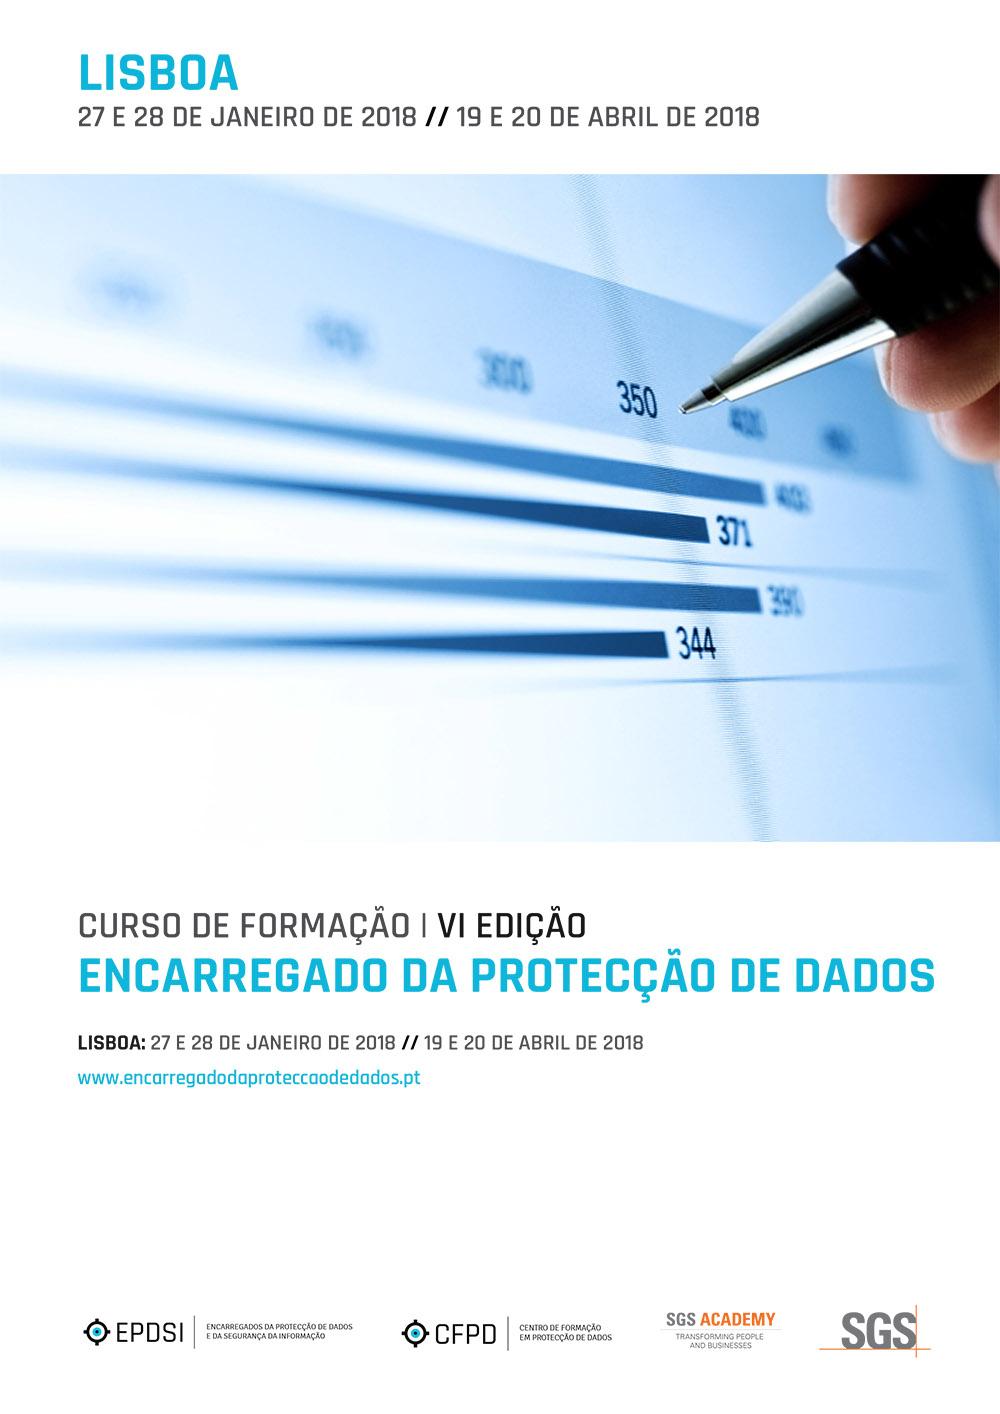 Curso de Formação - Encarregado da Protecção de Dados - VI Edição - Lisboa - Agenda Geral